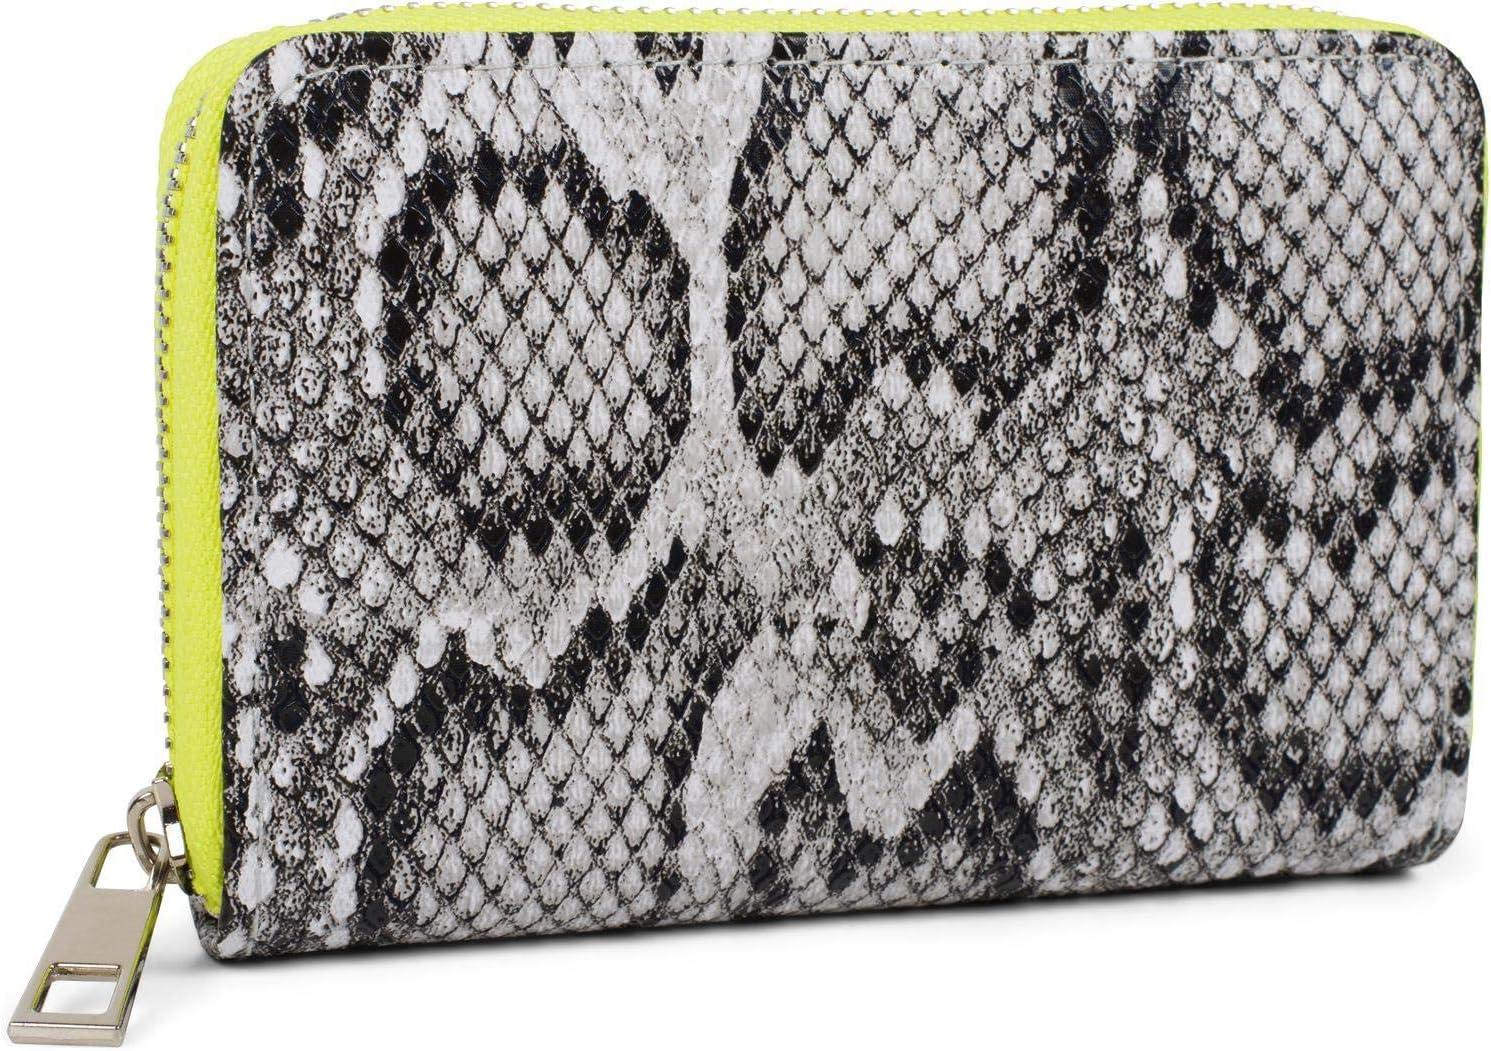 styleBREAKER minimonedero de Mujer con Motivo de Serpiente, Cremallera, Cartera 02040127, Color:Gris-Amarillo